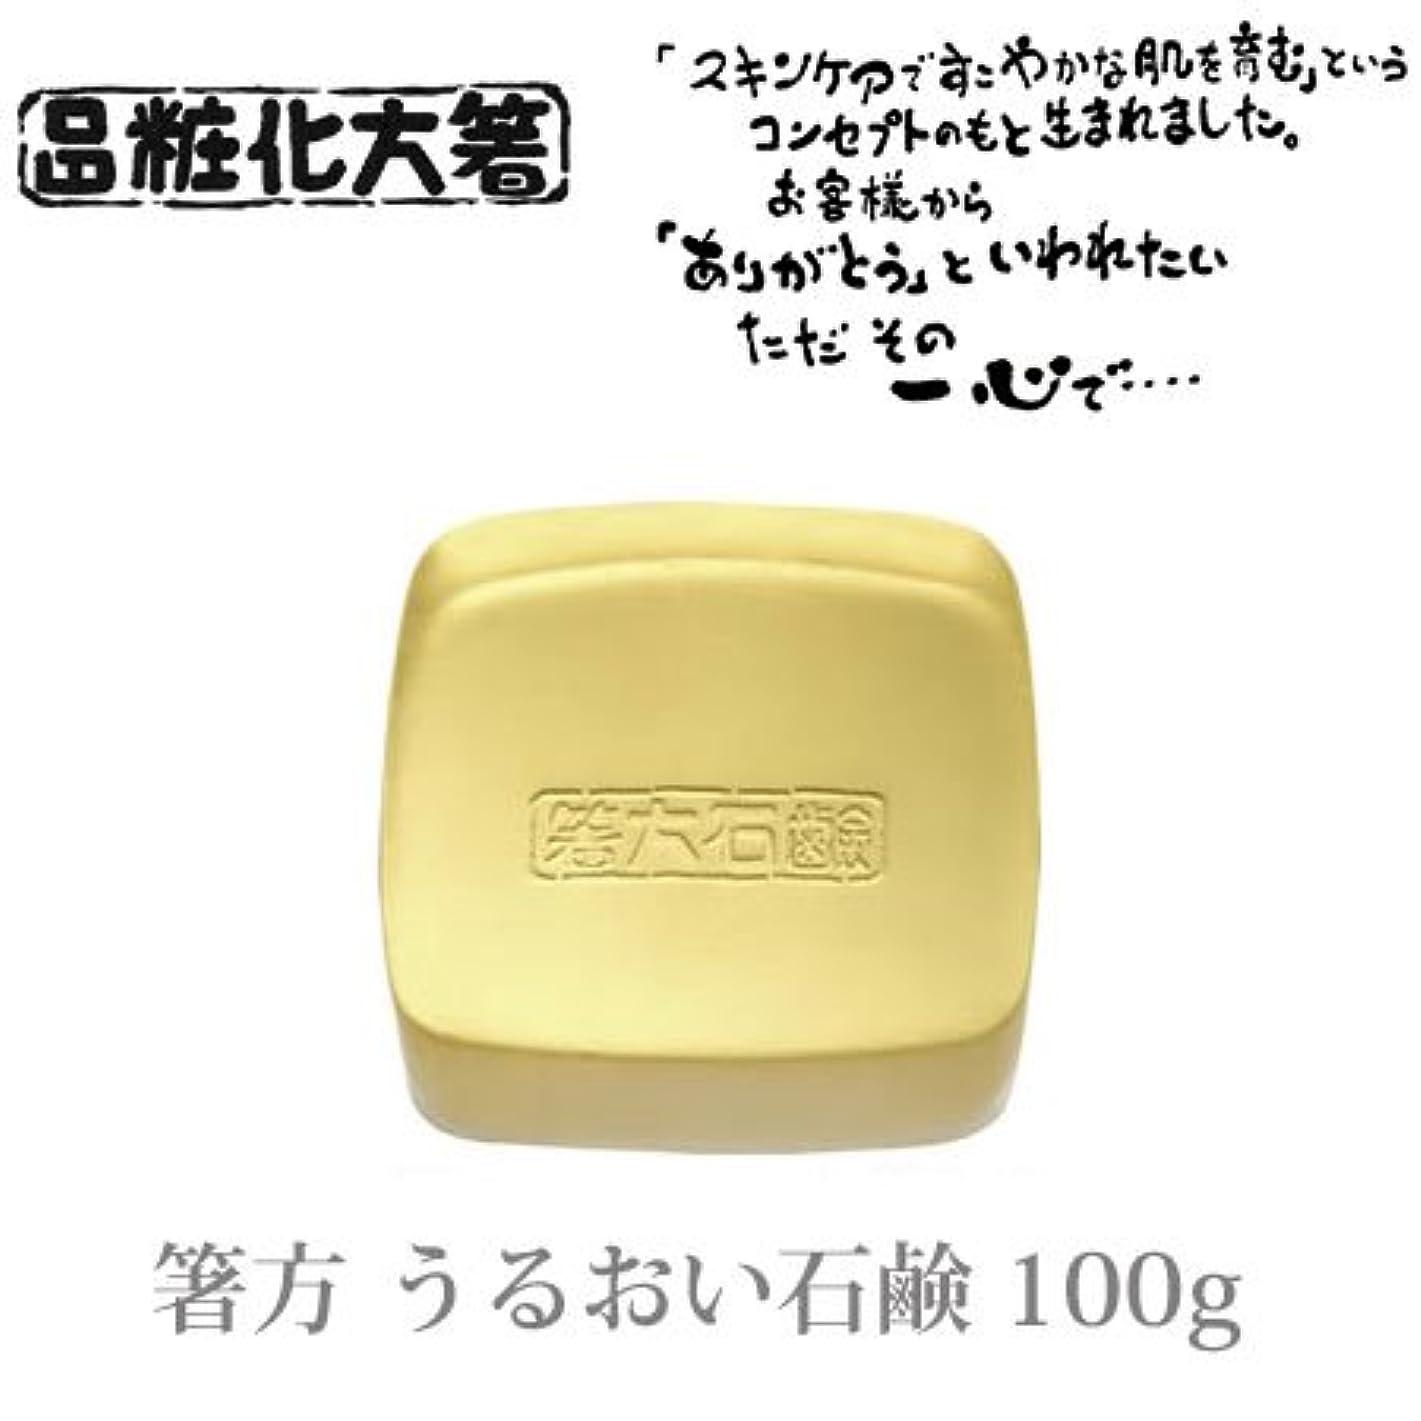 運搬葉巻のため箸方化粧品 うるおい石鹸 100g はしかた化粧品